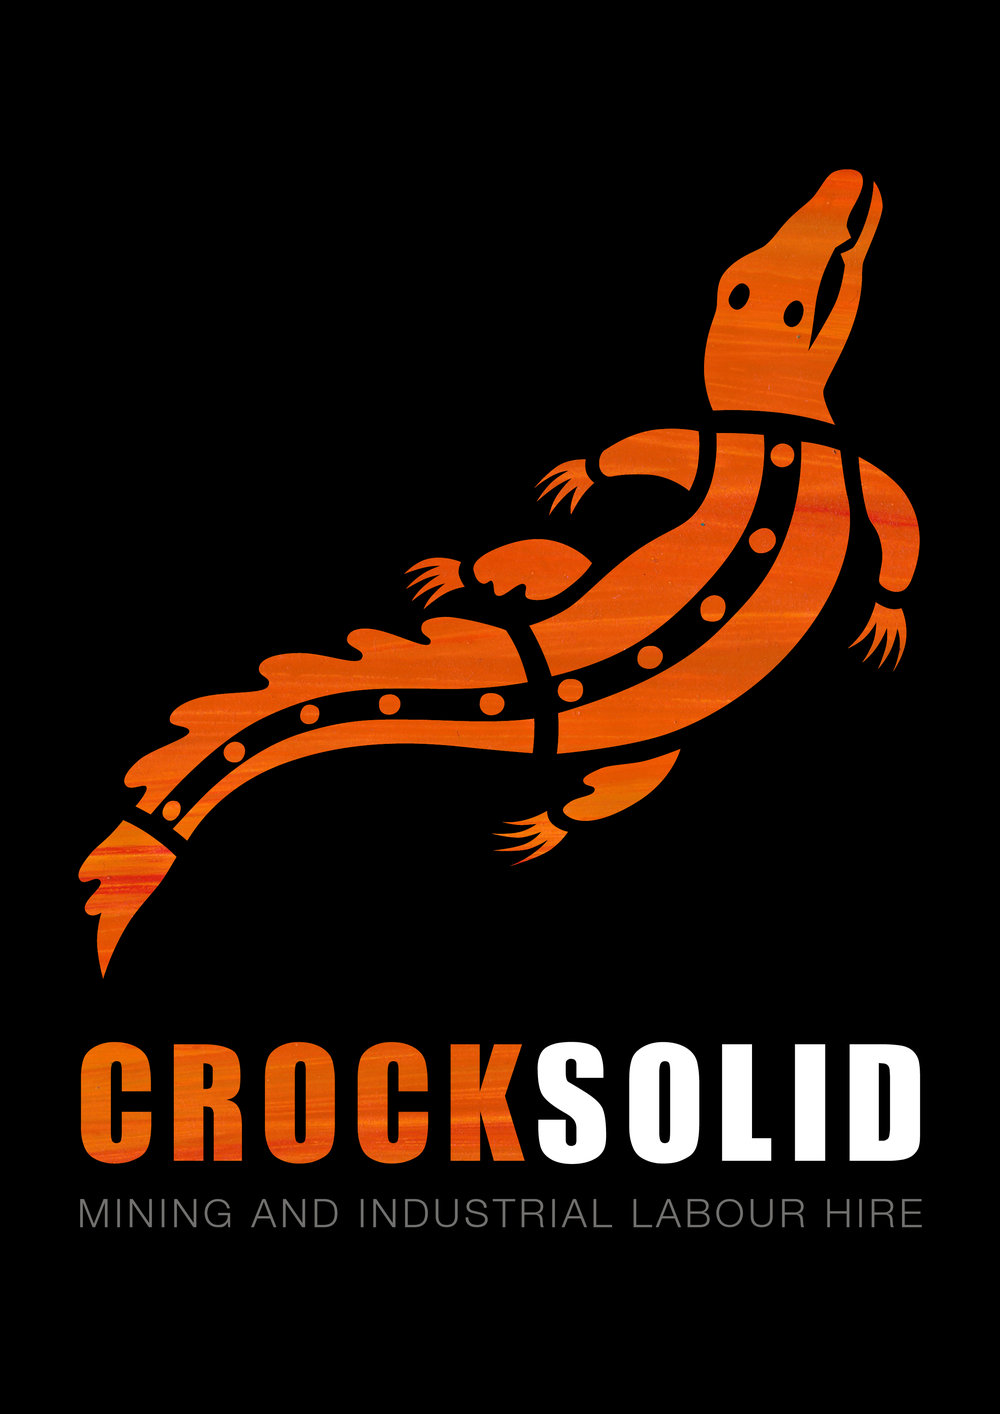 logo_design_v1.jpg